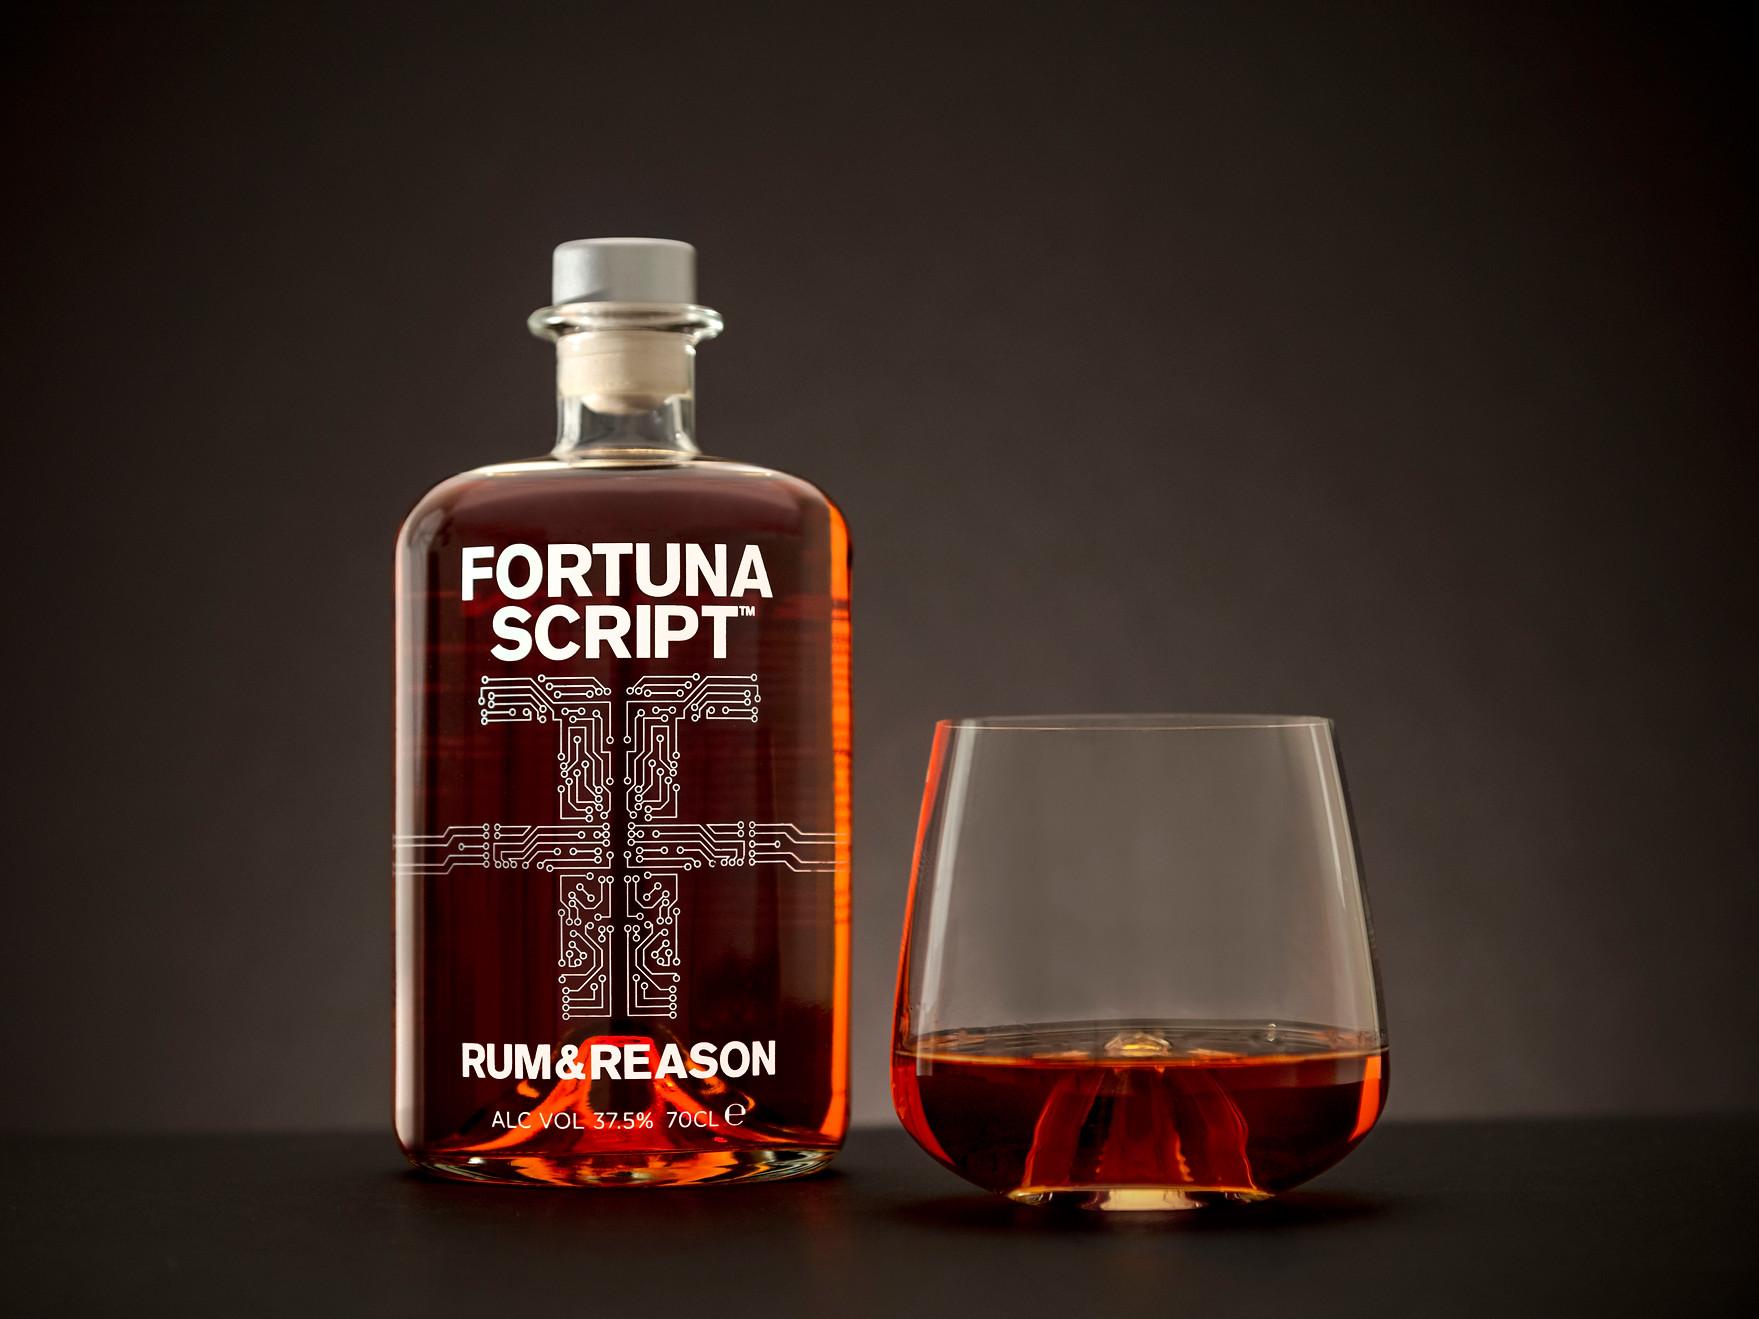 Fortuna Script and Glass